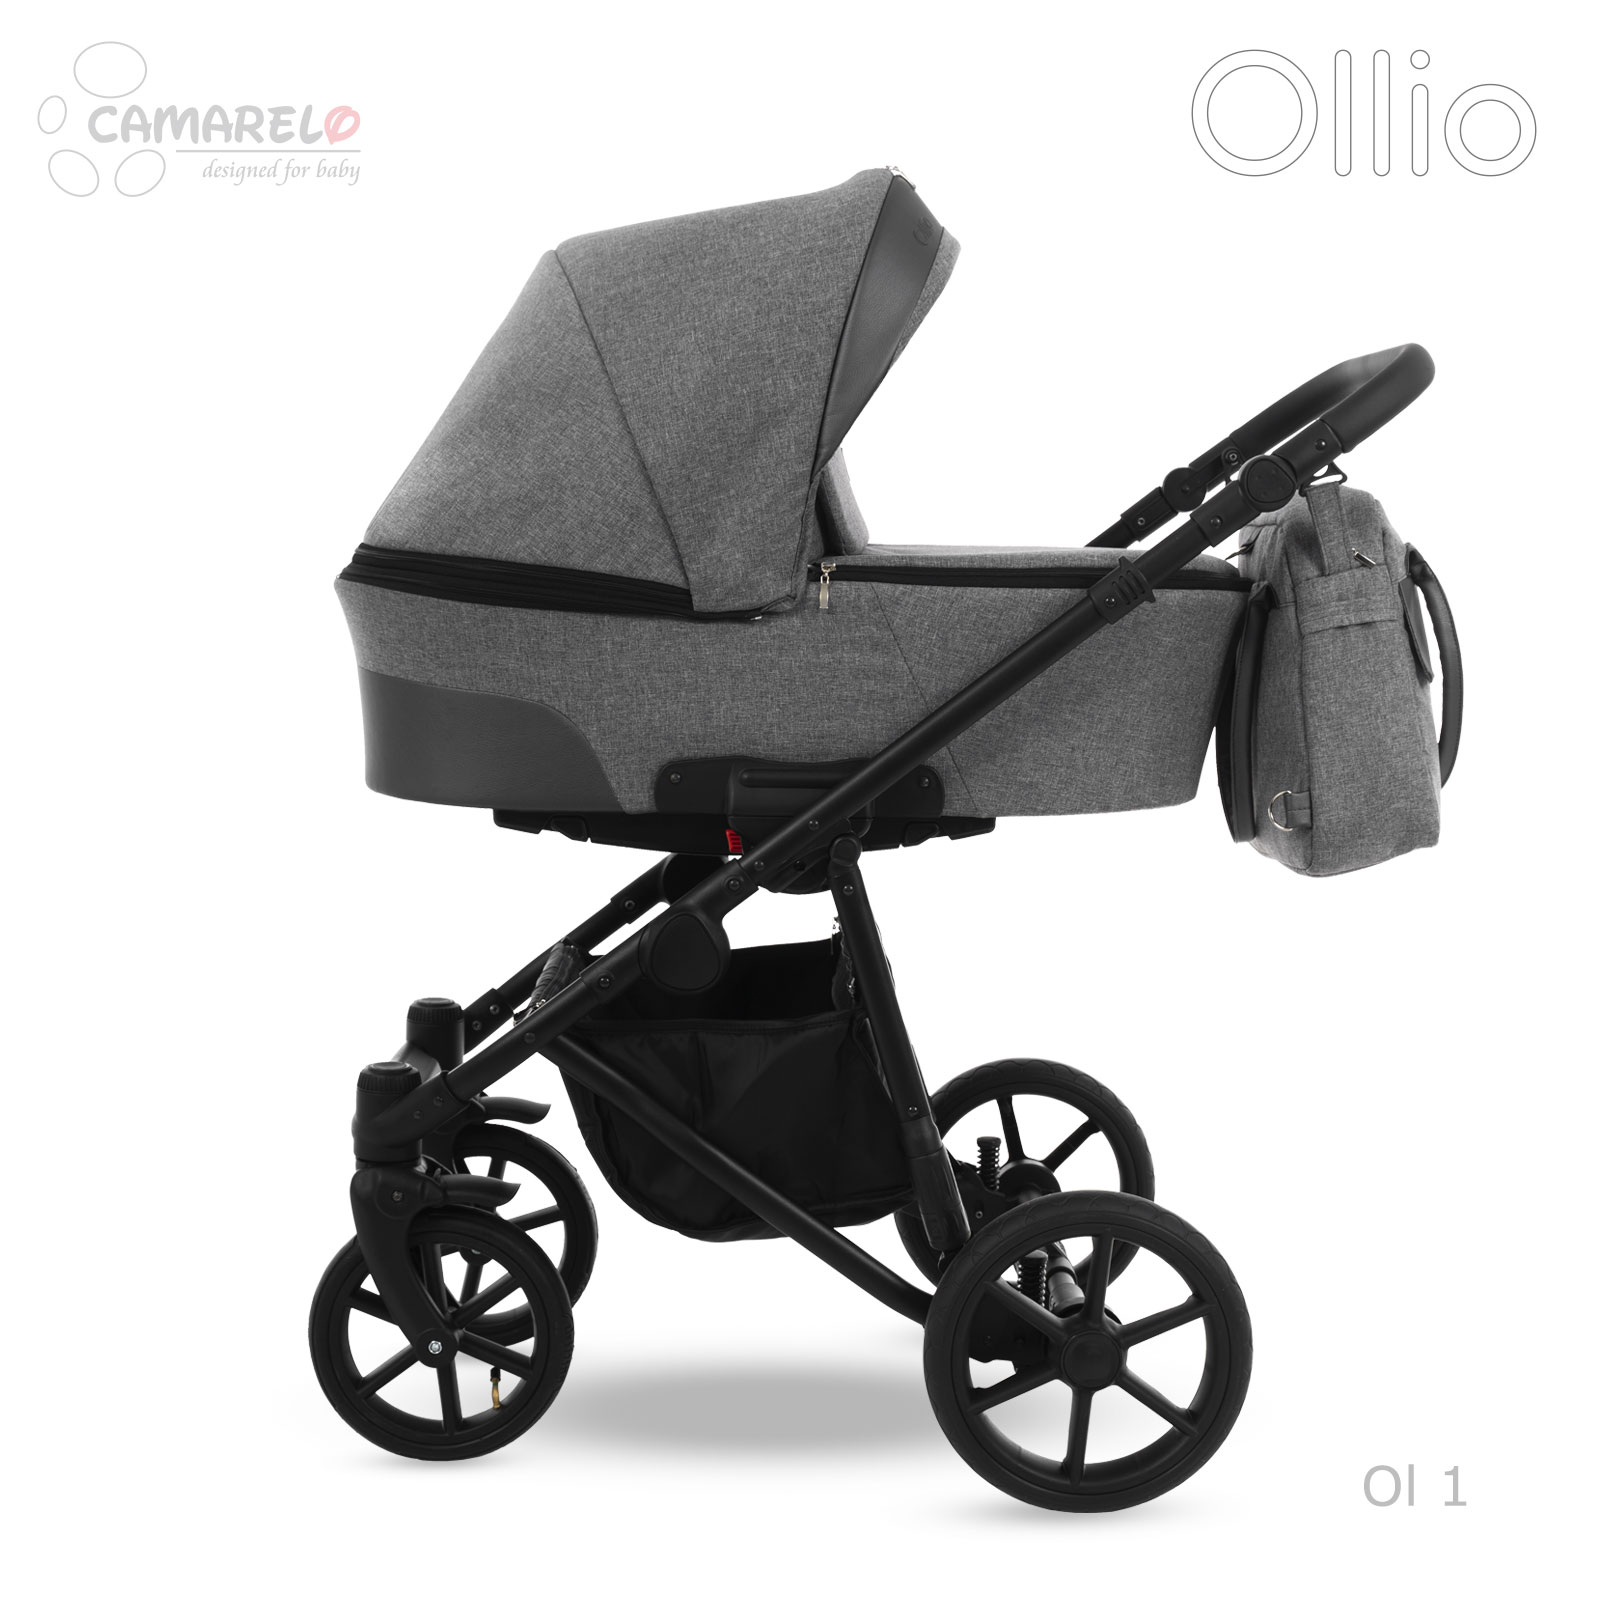 Ollio-1-02